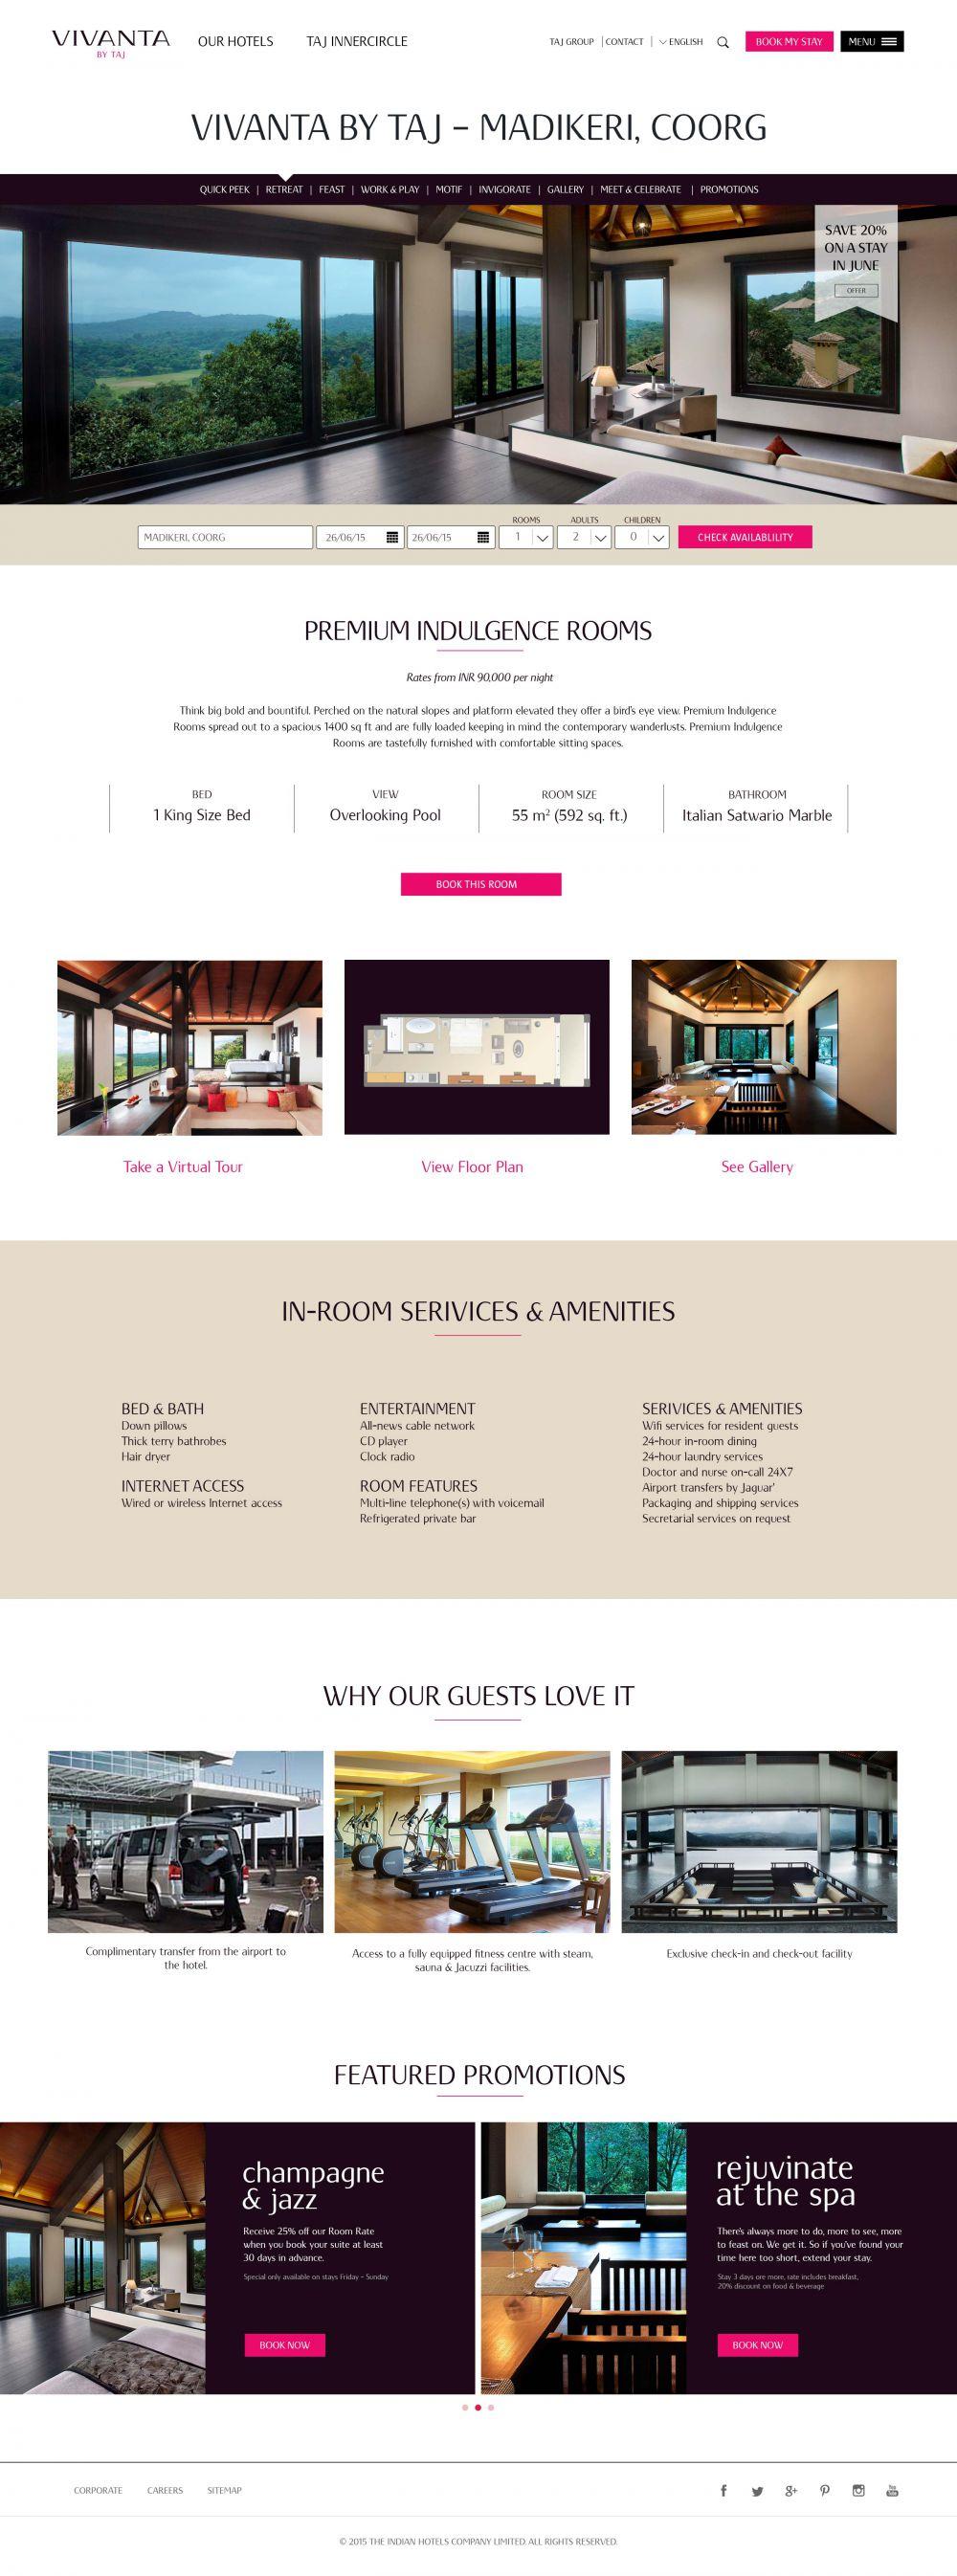 Vivanta Madikeri, Coorg Hotel Room Page